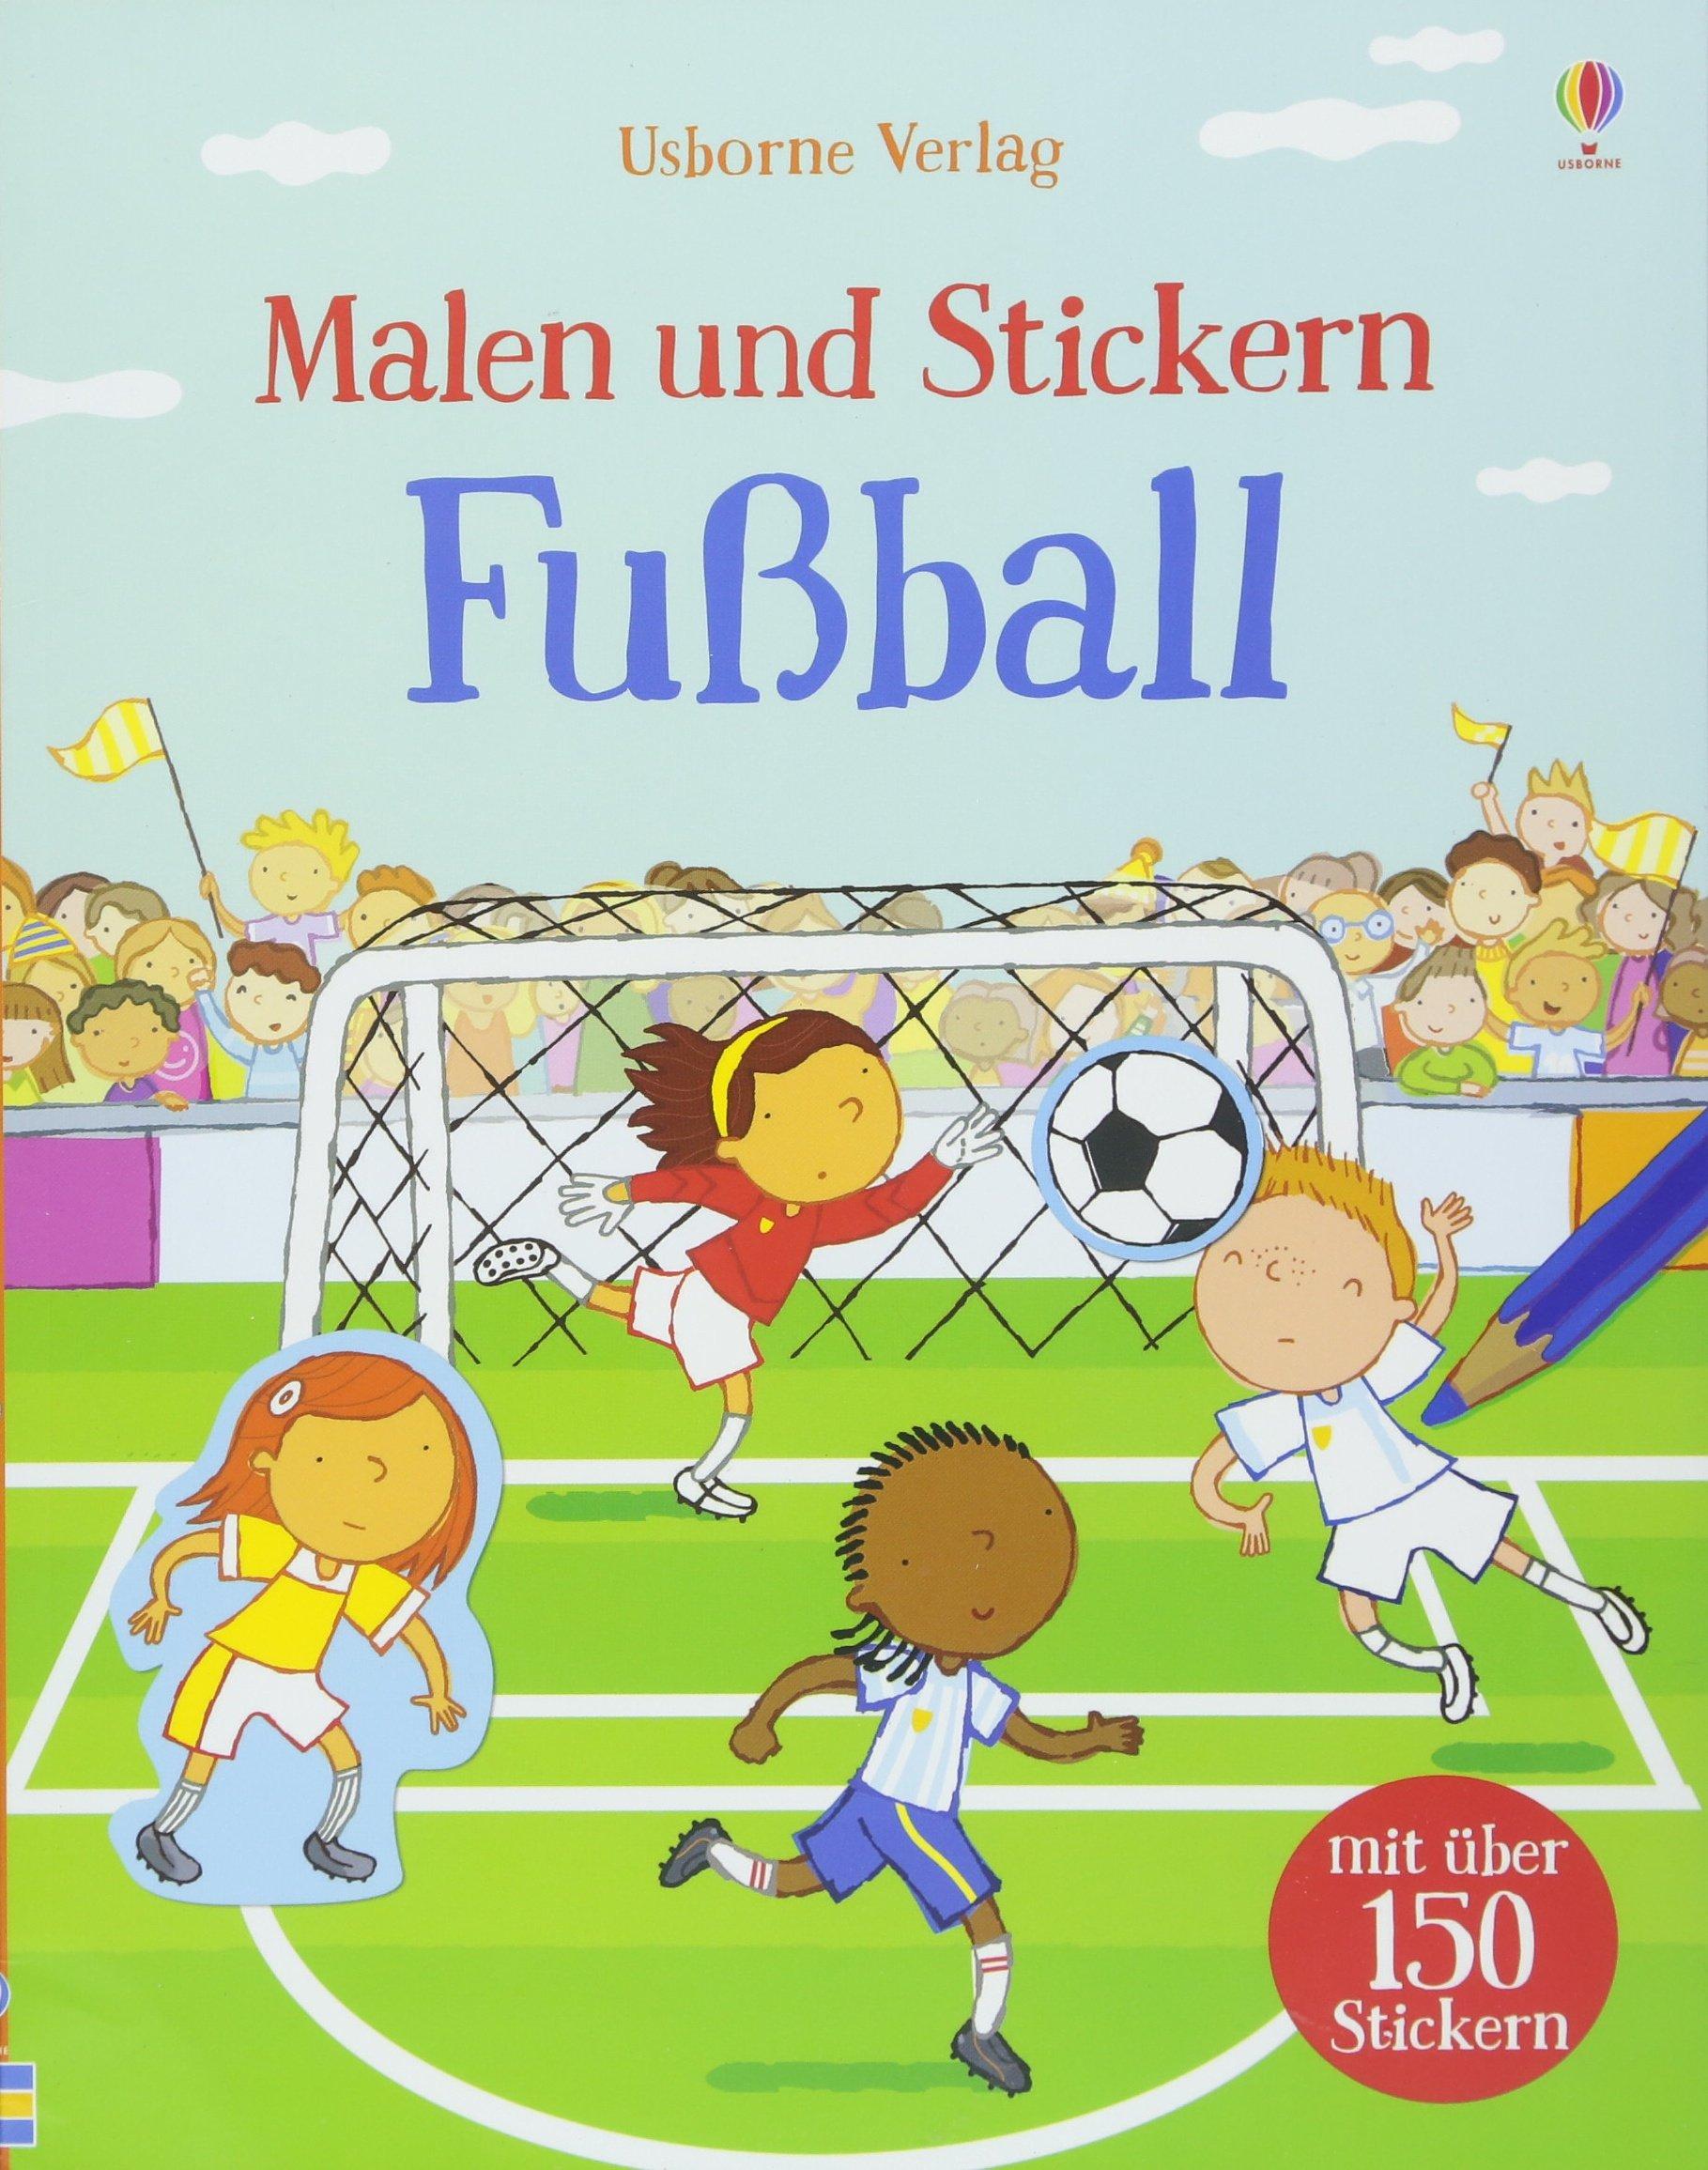 malen-und-stickern-fussball